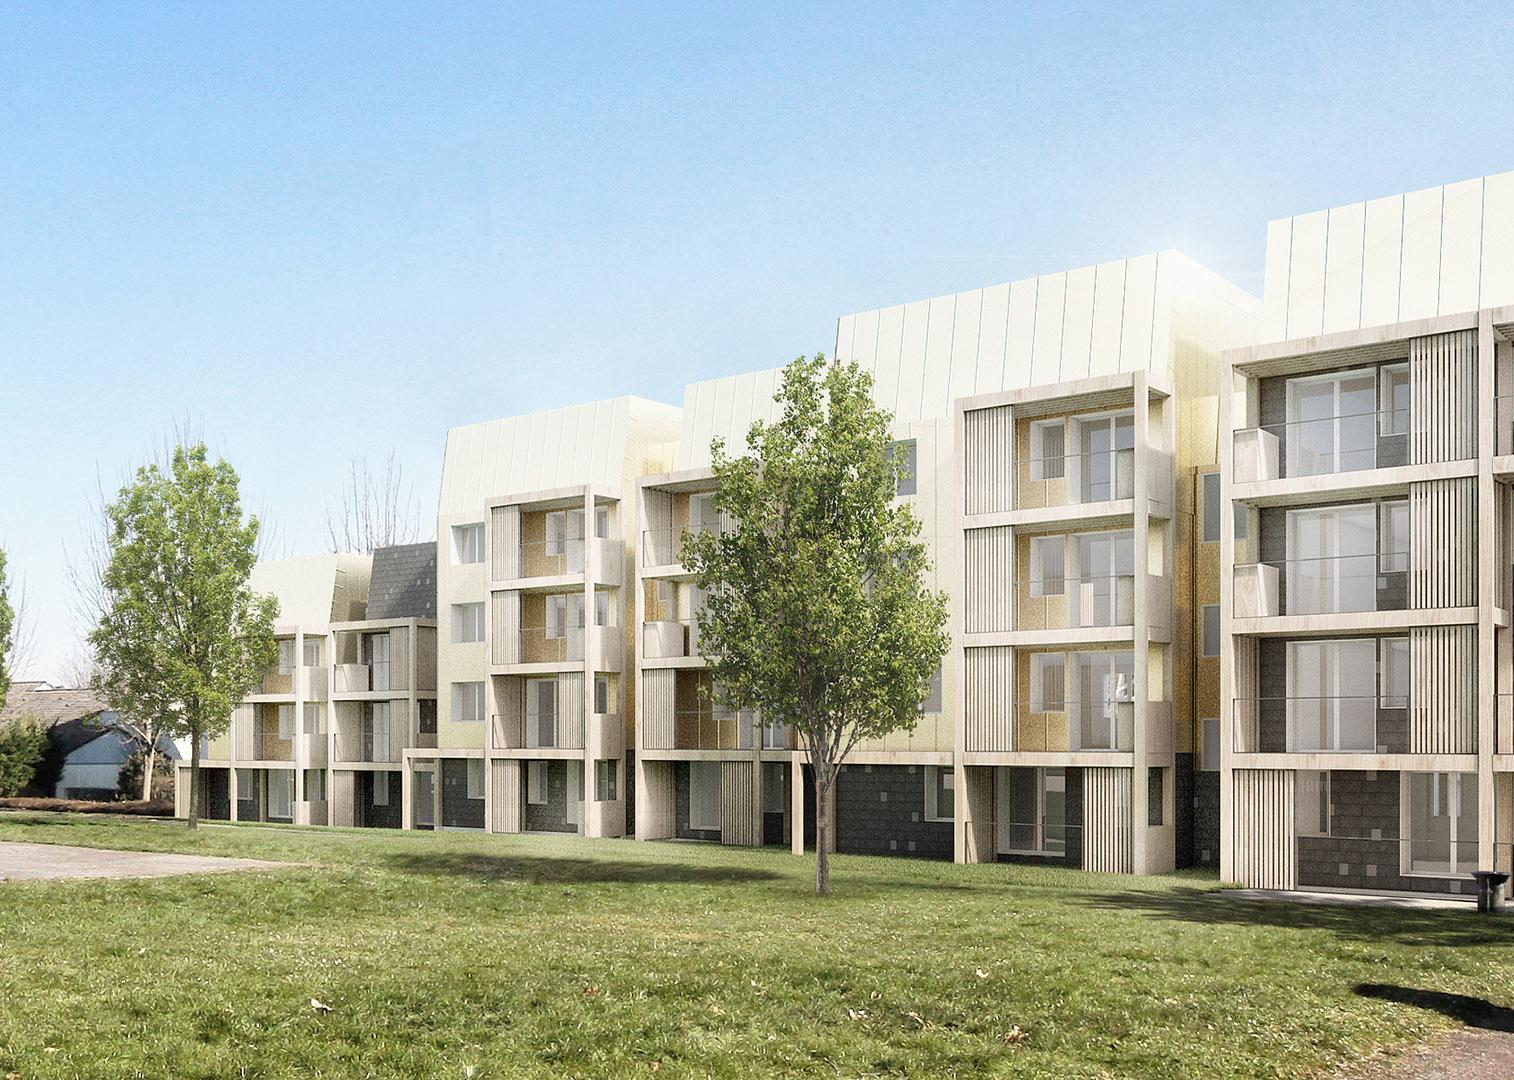 quartier-des-sentiers-lery-cba-rouen-2